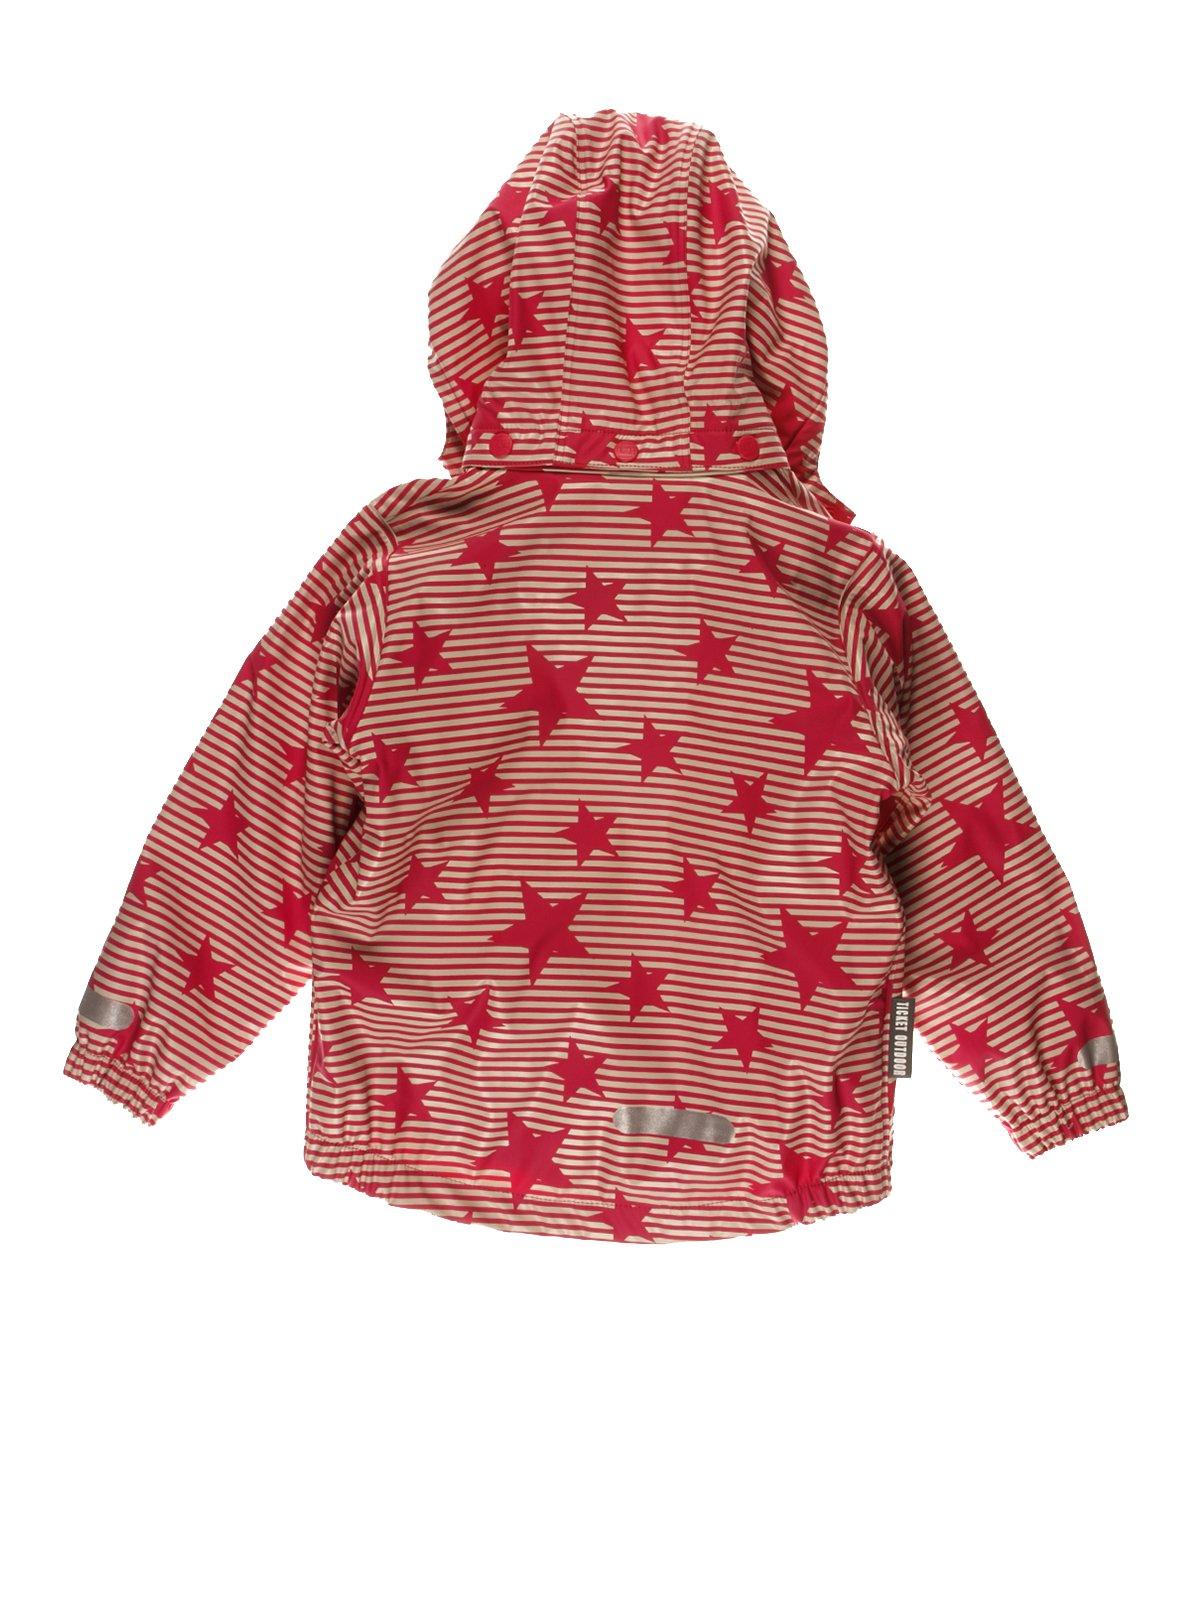 Термокуртка красная в полоску и звезды | 3878996 | фото 2